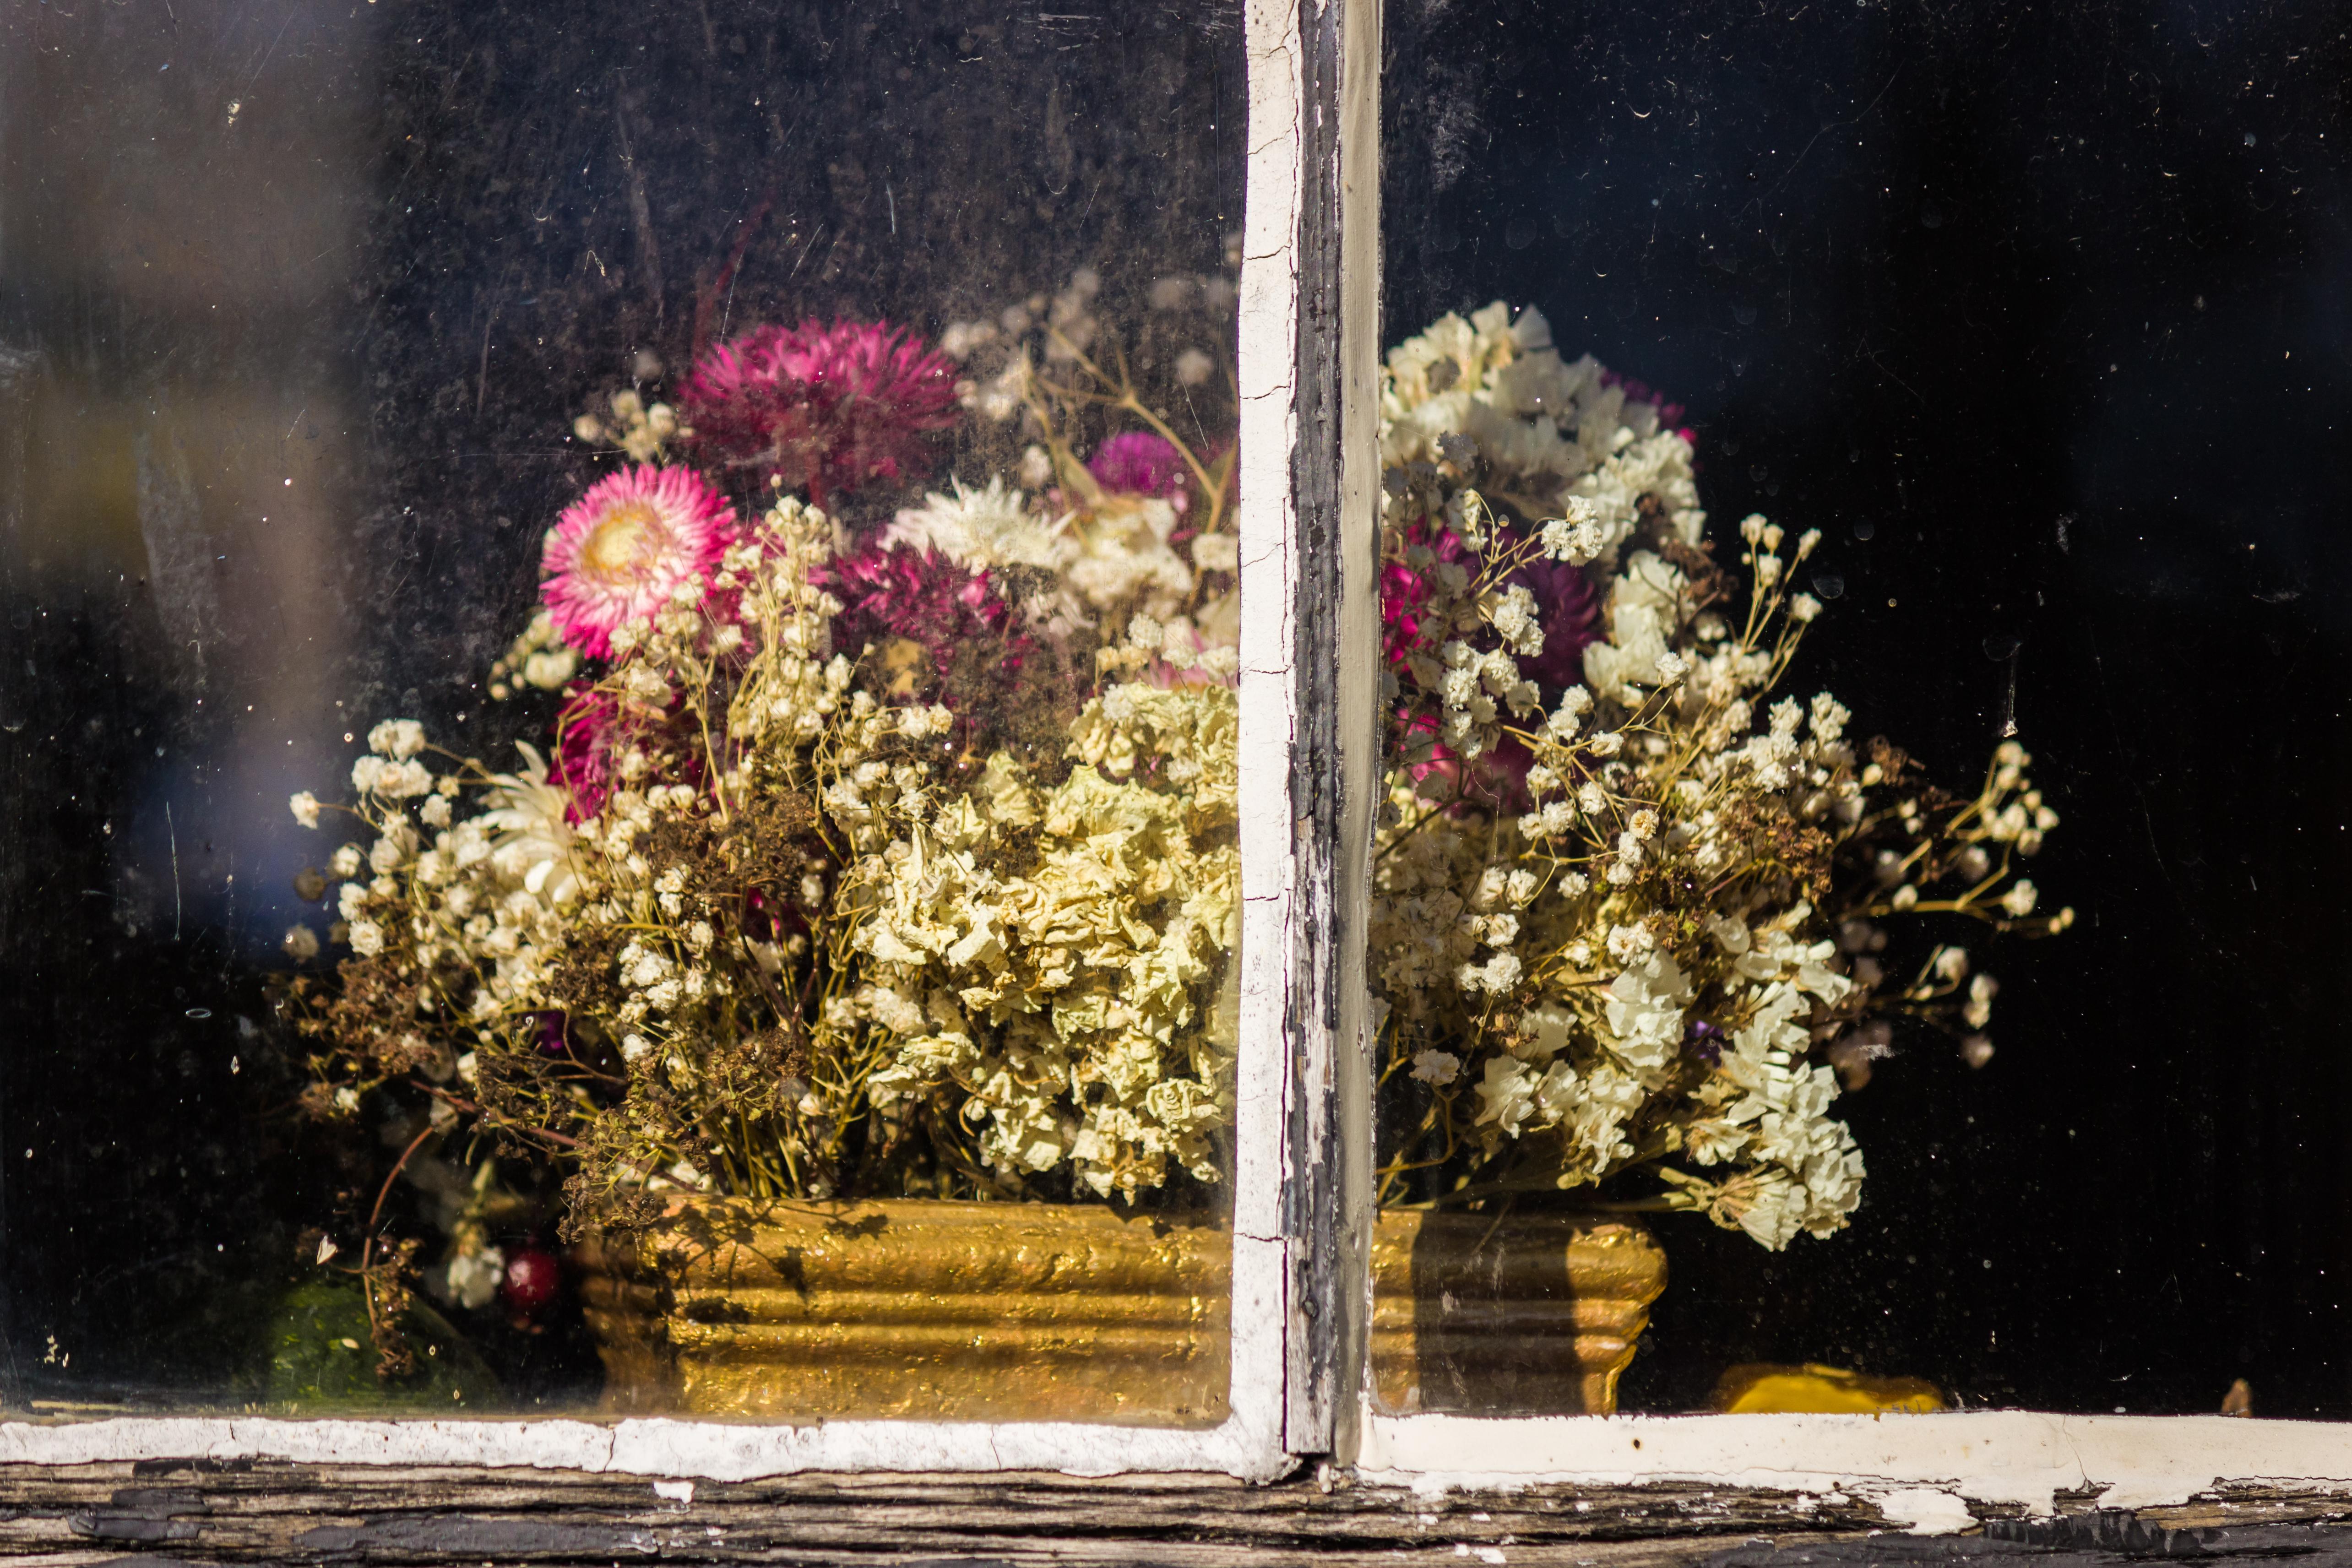 Rustic winter flower arrangements